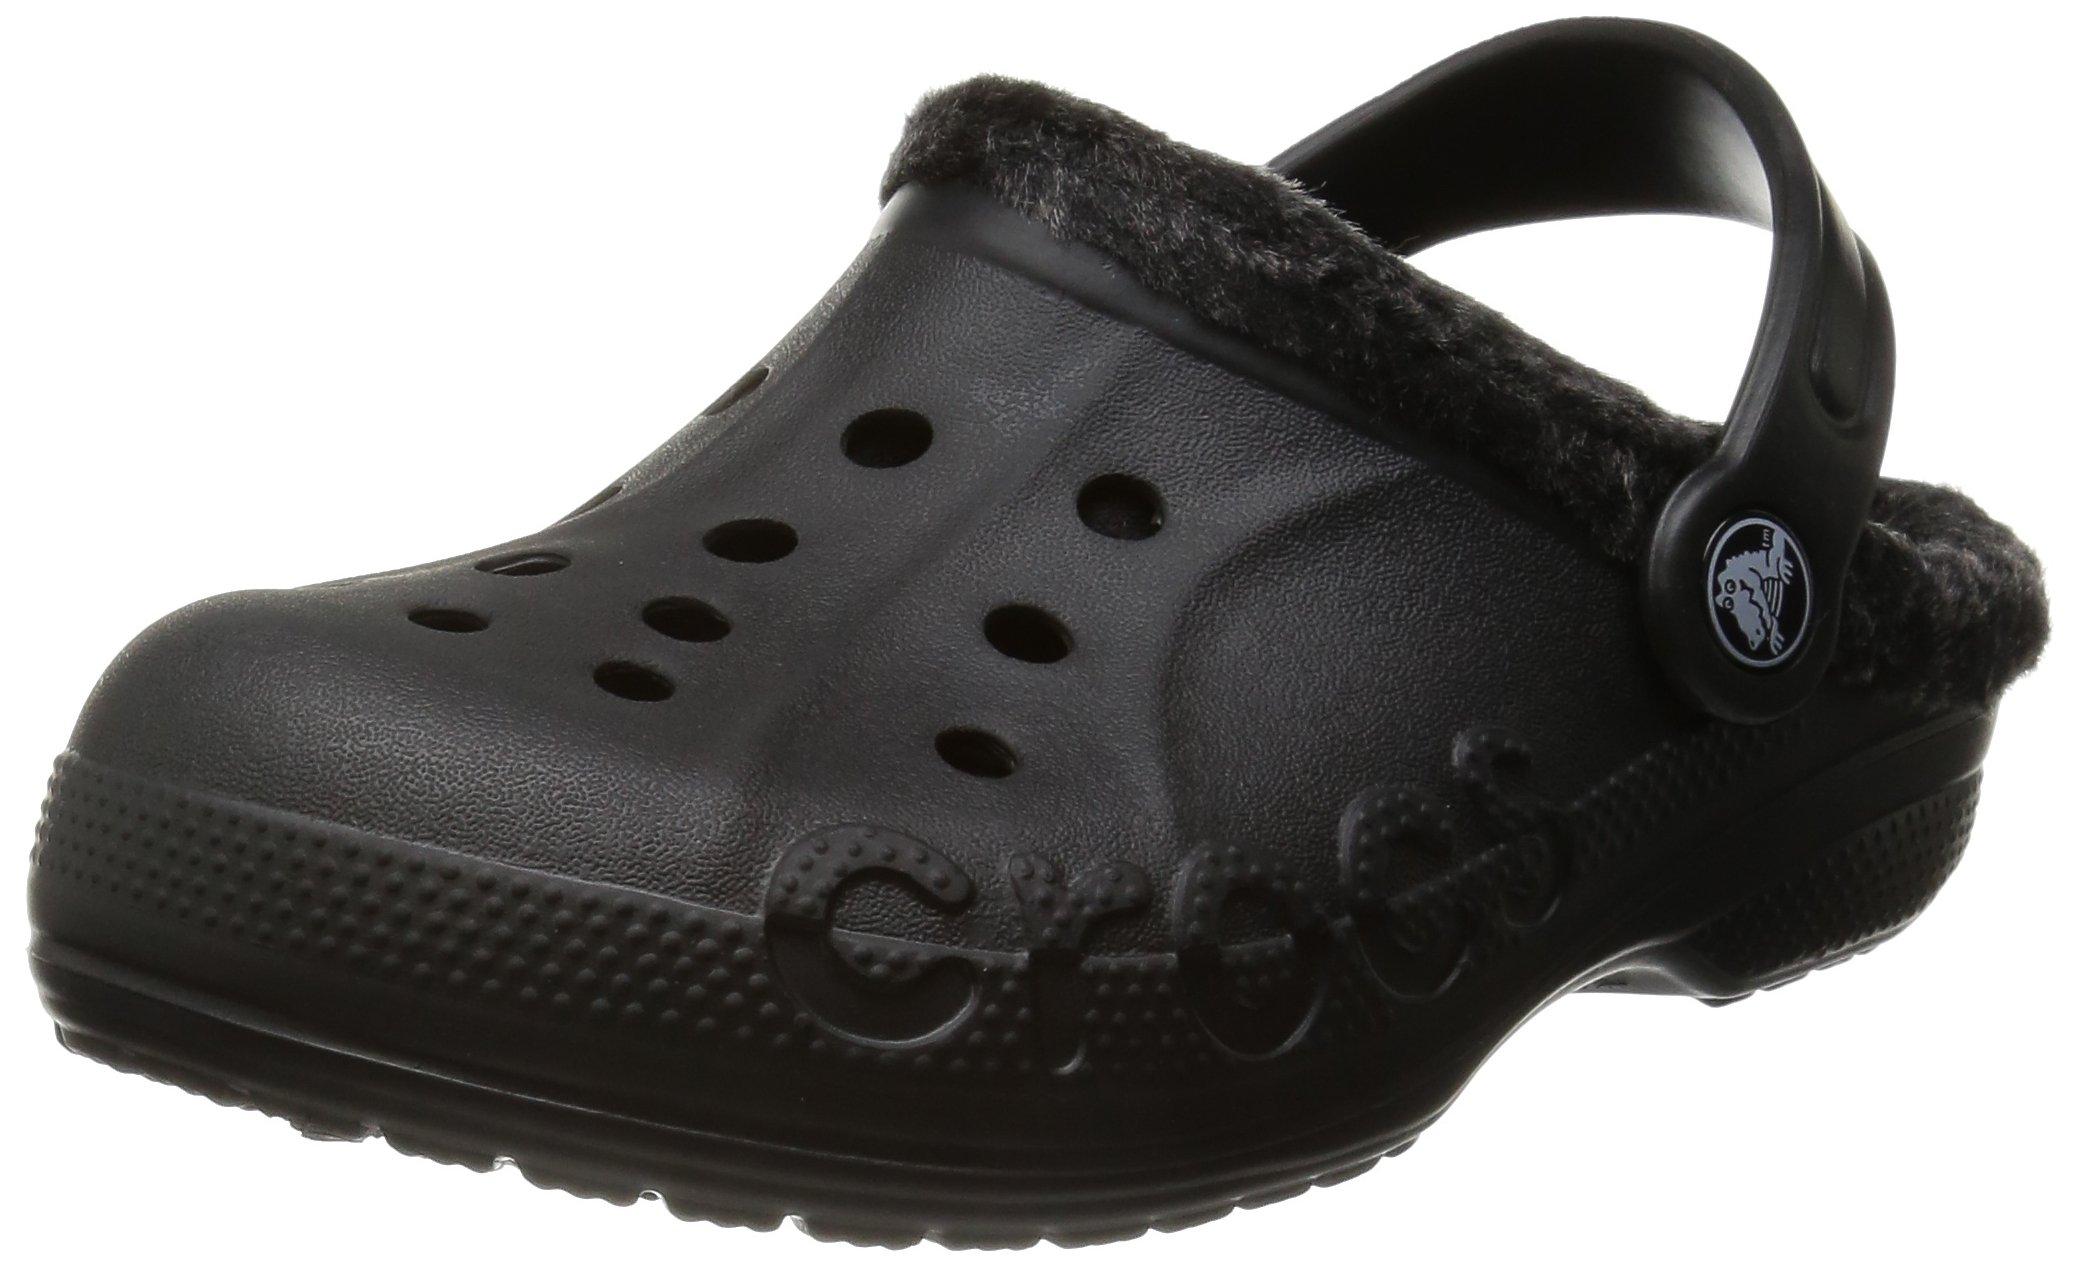 crocs Baya Heathered Lined Clog (Toddler/Little Kid), Black/Black, 8/9 M US Toddler